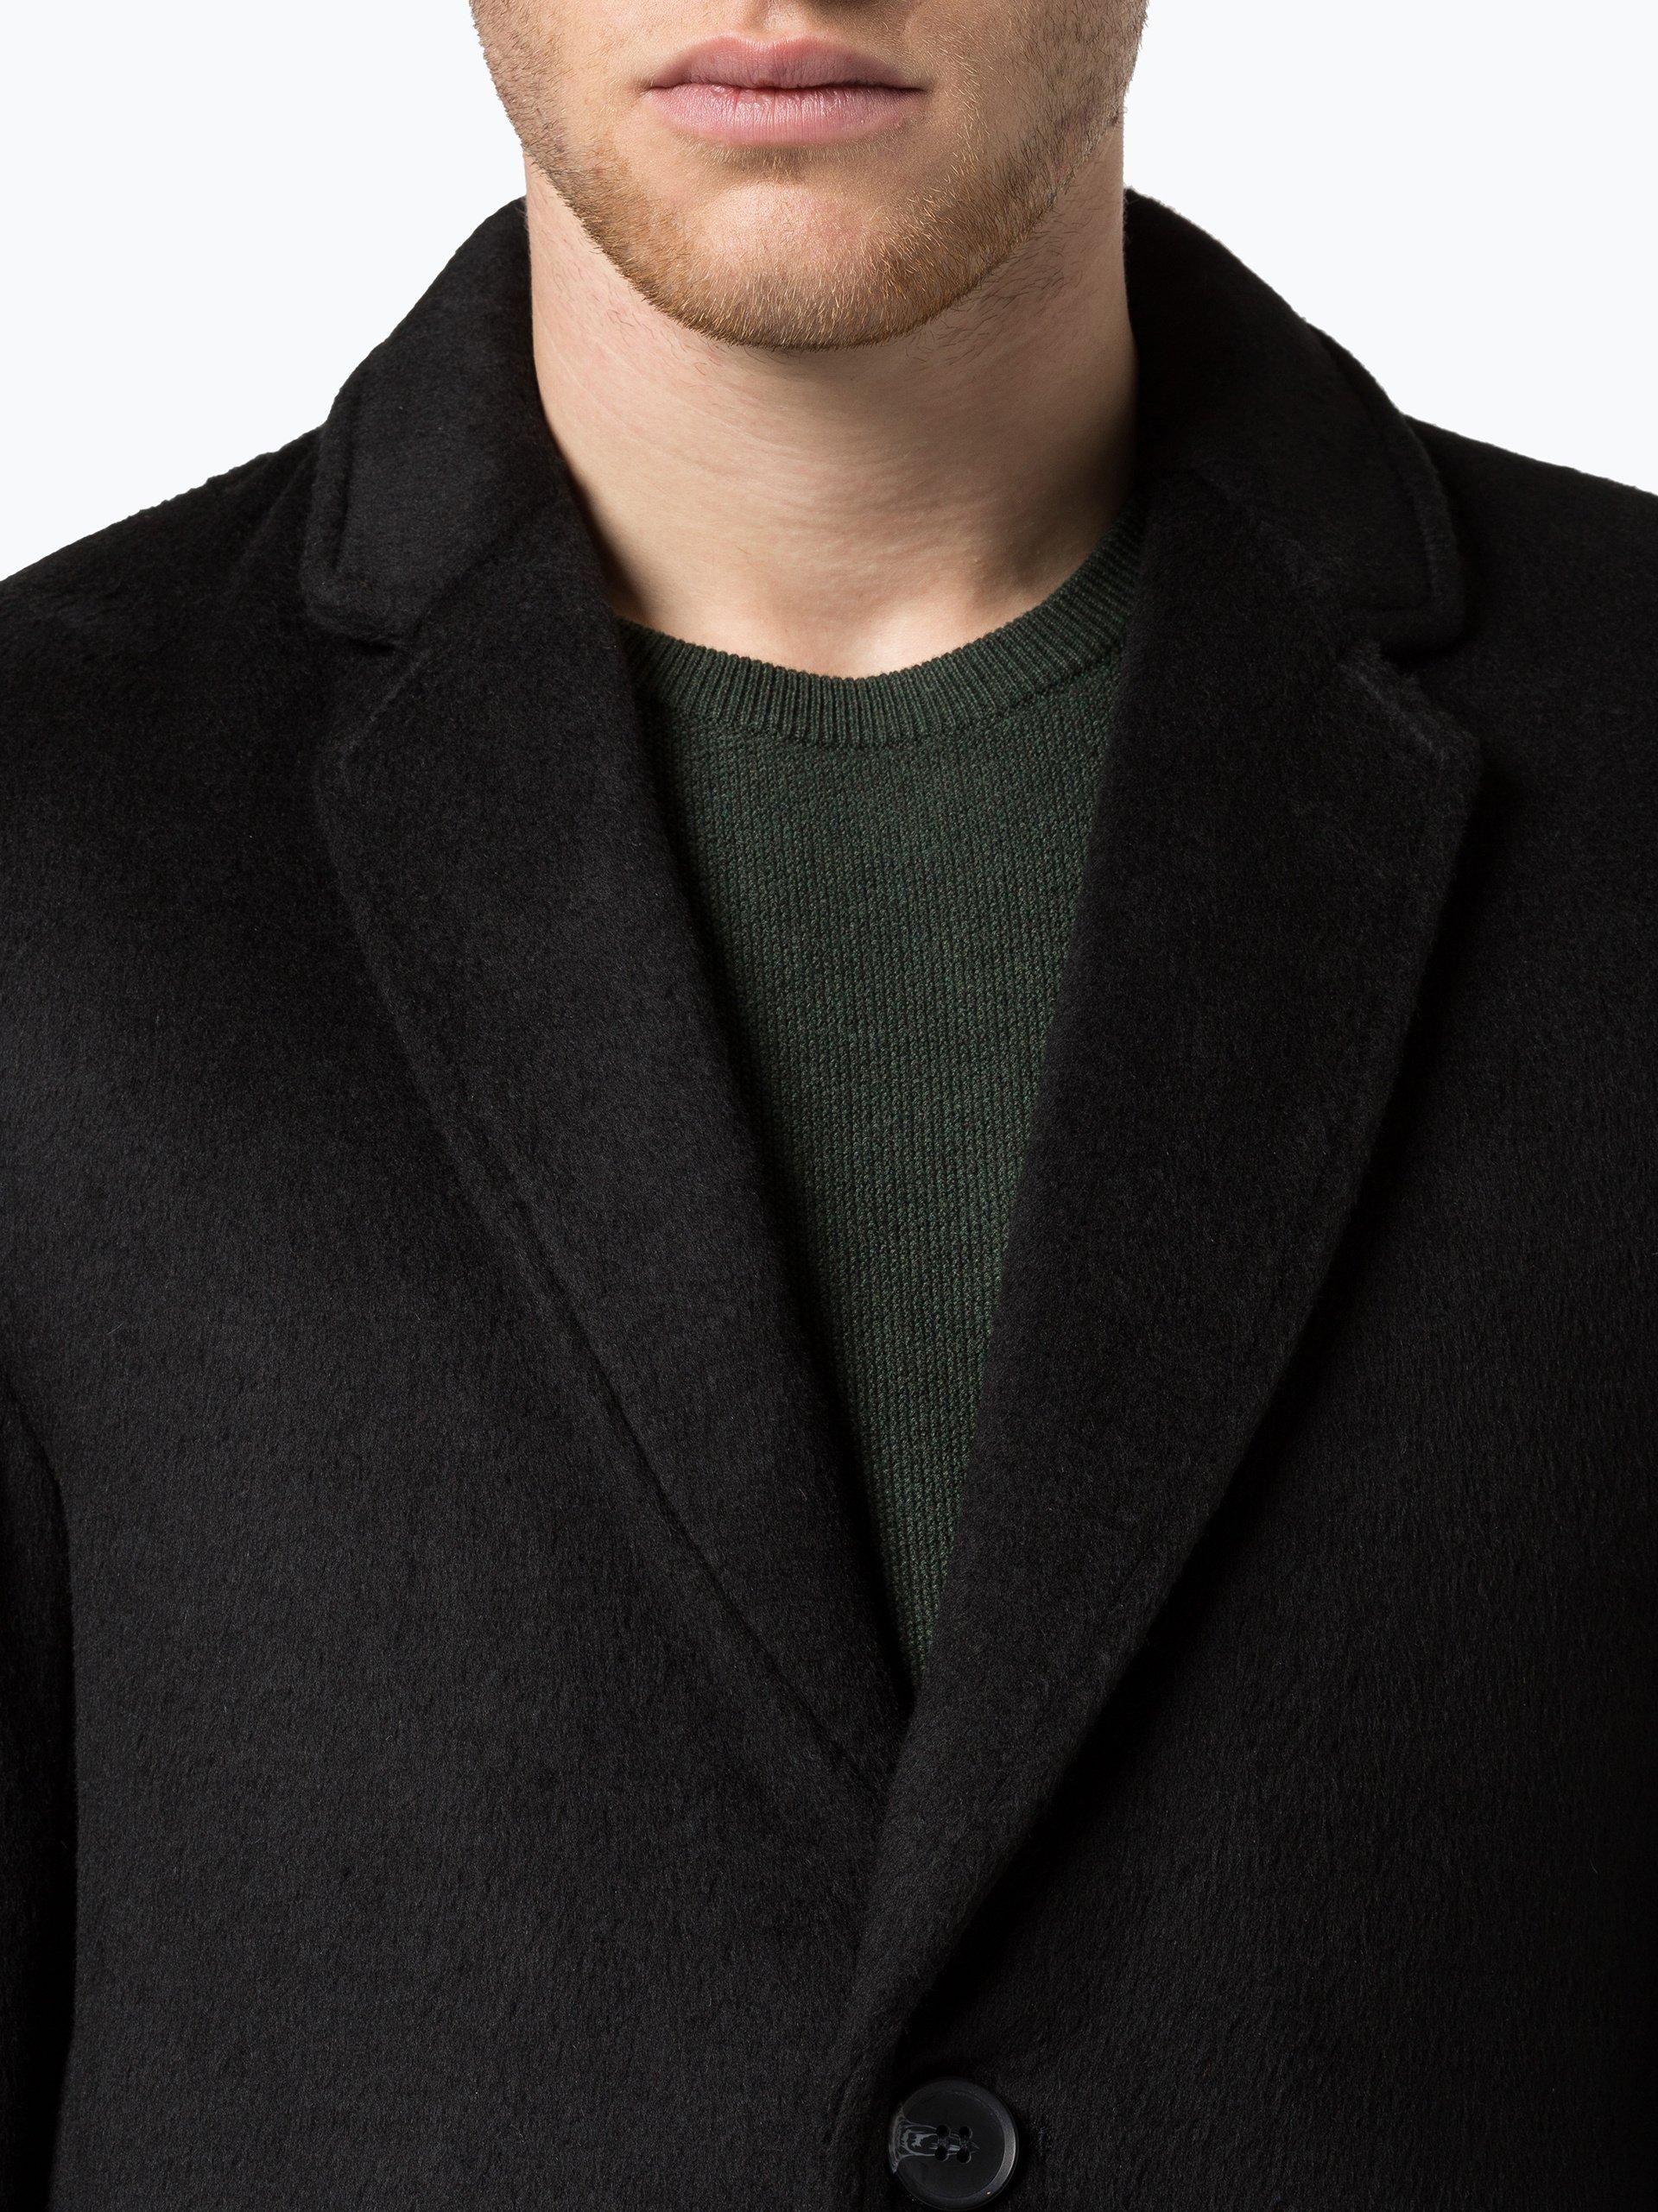 review herren mantel schwarz uni online kaufen peek und. Black Bedroom Furniture Sets. Home Design Ideas